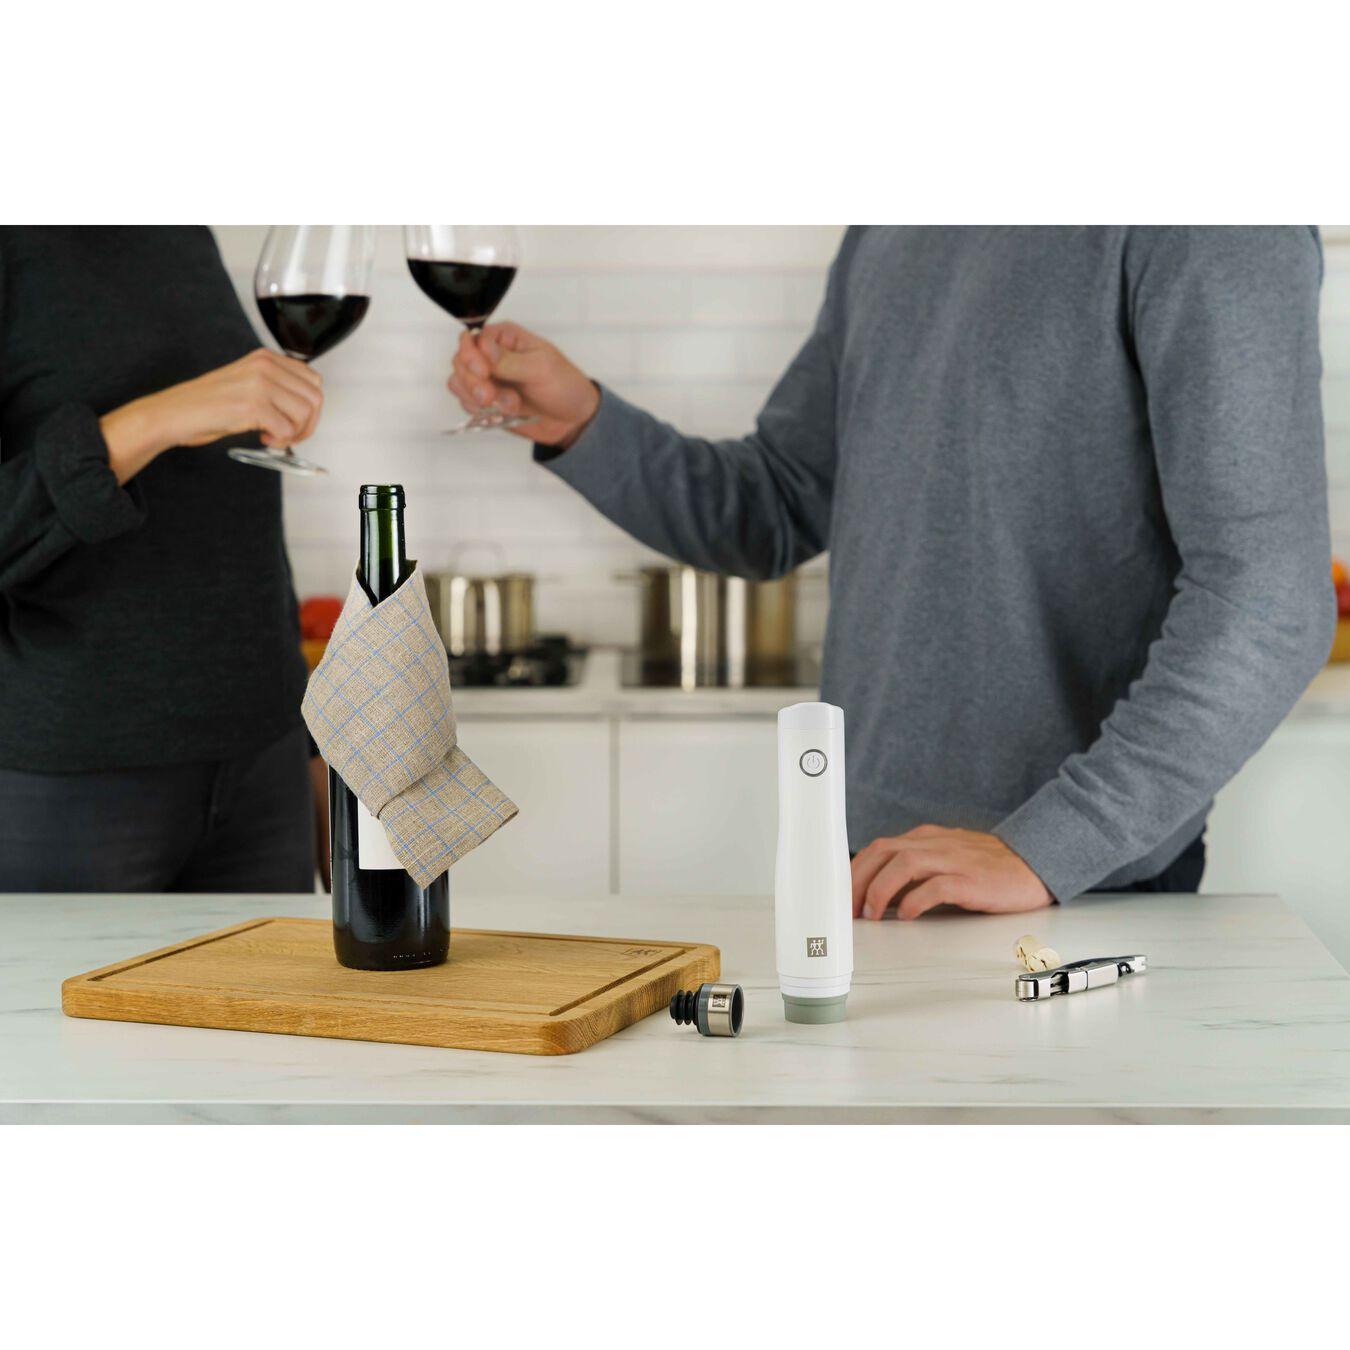 Vakuum Weinverschluss Set, 2-tlg, Grau,,large 5